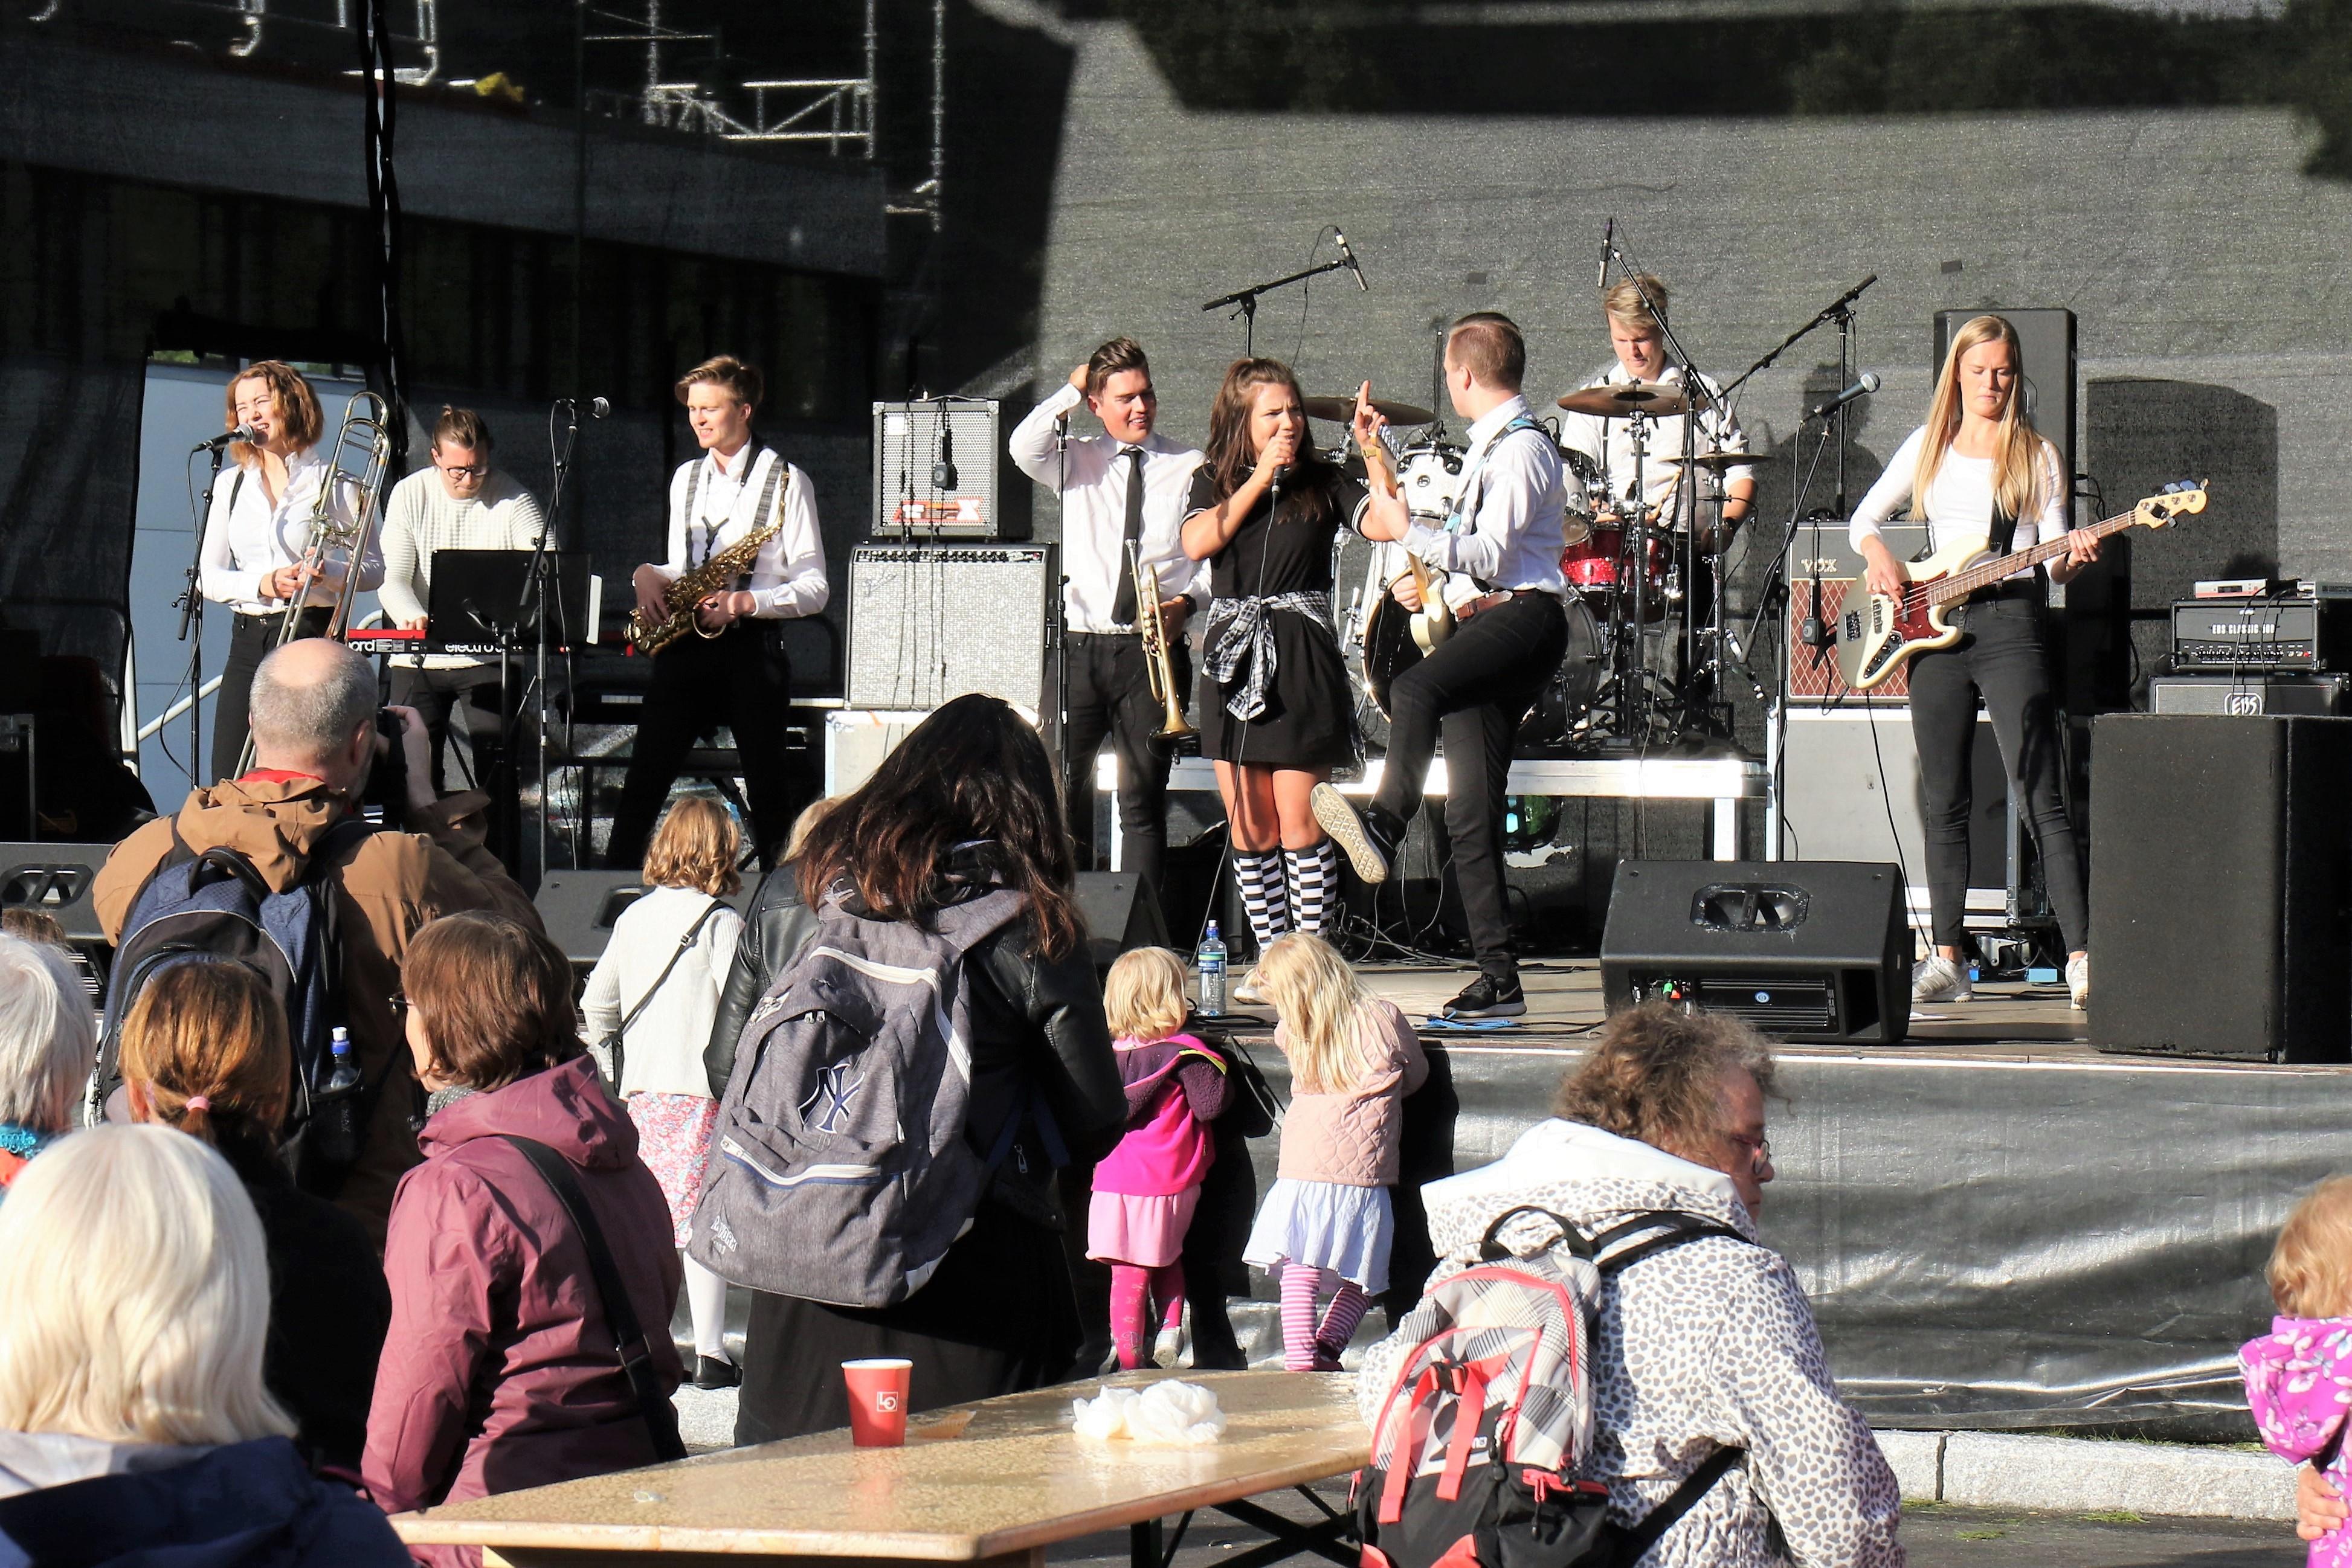 Bilde av SKA-frika på scenen foran rådhuset